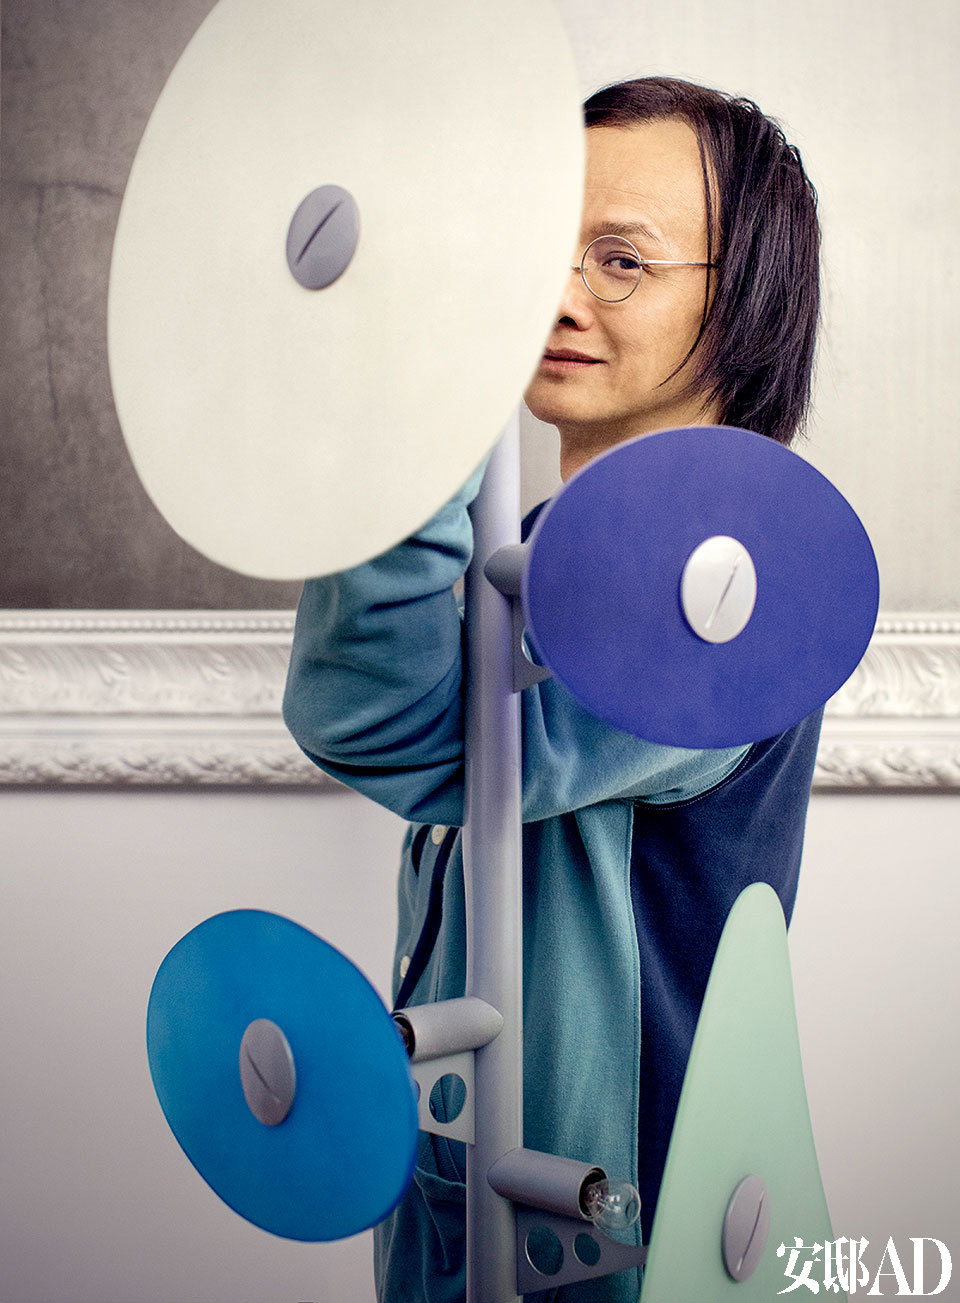 主人:姚谦,华语流行乐坛音乐人、作家。代表著作包括《鲁冰花》《我愿意》《如果爱》《脚趾上的星光》等。